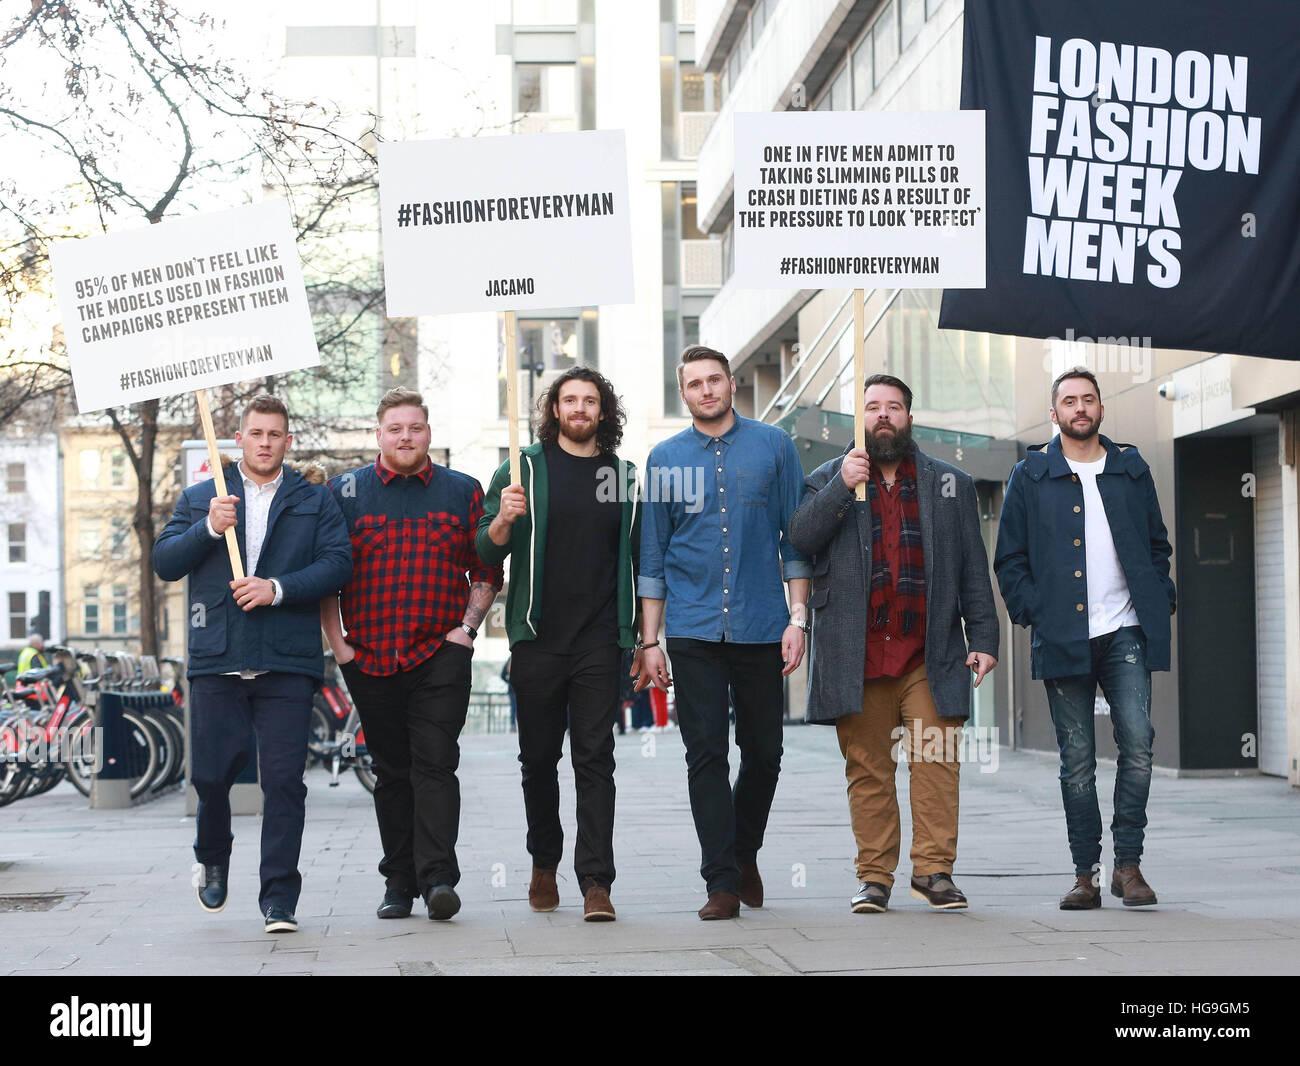 NUR zur redaktionellen Nutzung (links nach rechts) Jack Eyers, Jamie Park, William Girling, Andy Caine, Gordon McCormick Stockbild